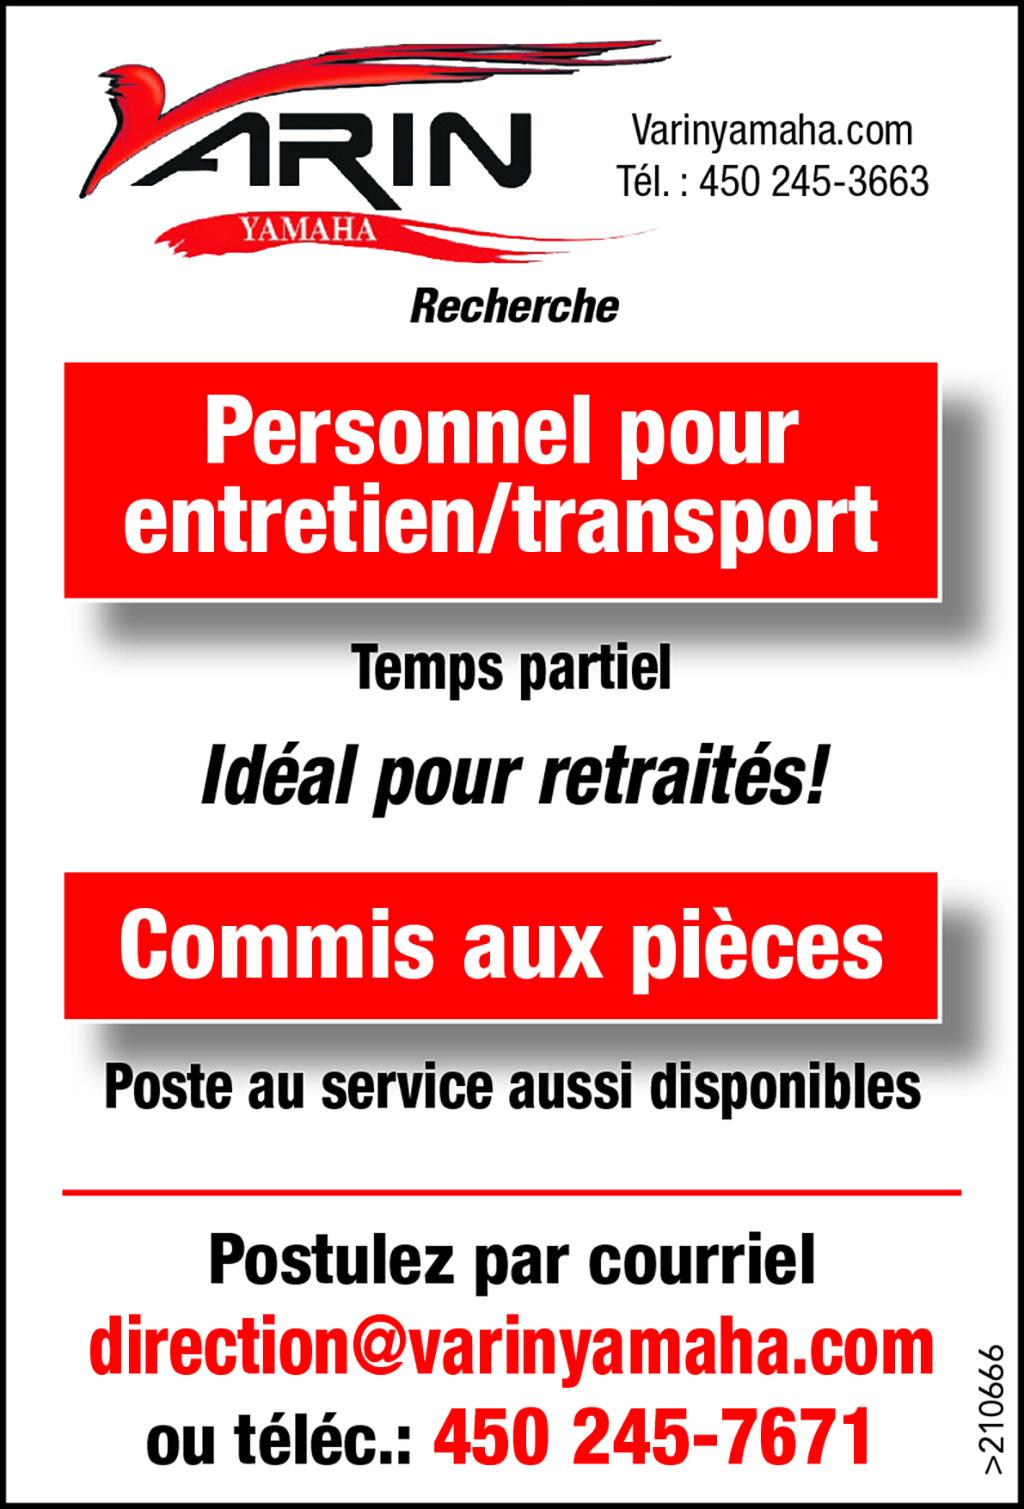 Personnel pour entretien / transport et Commis aux pièces